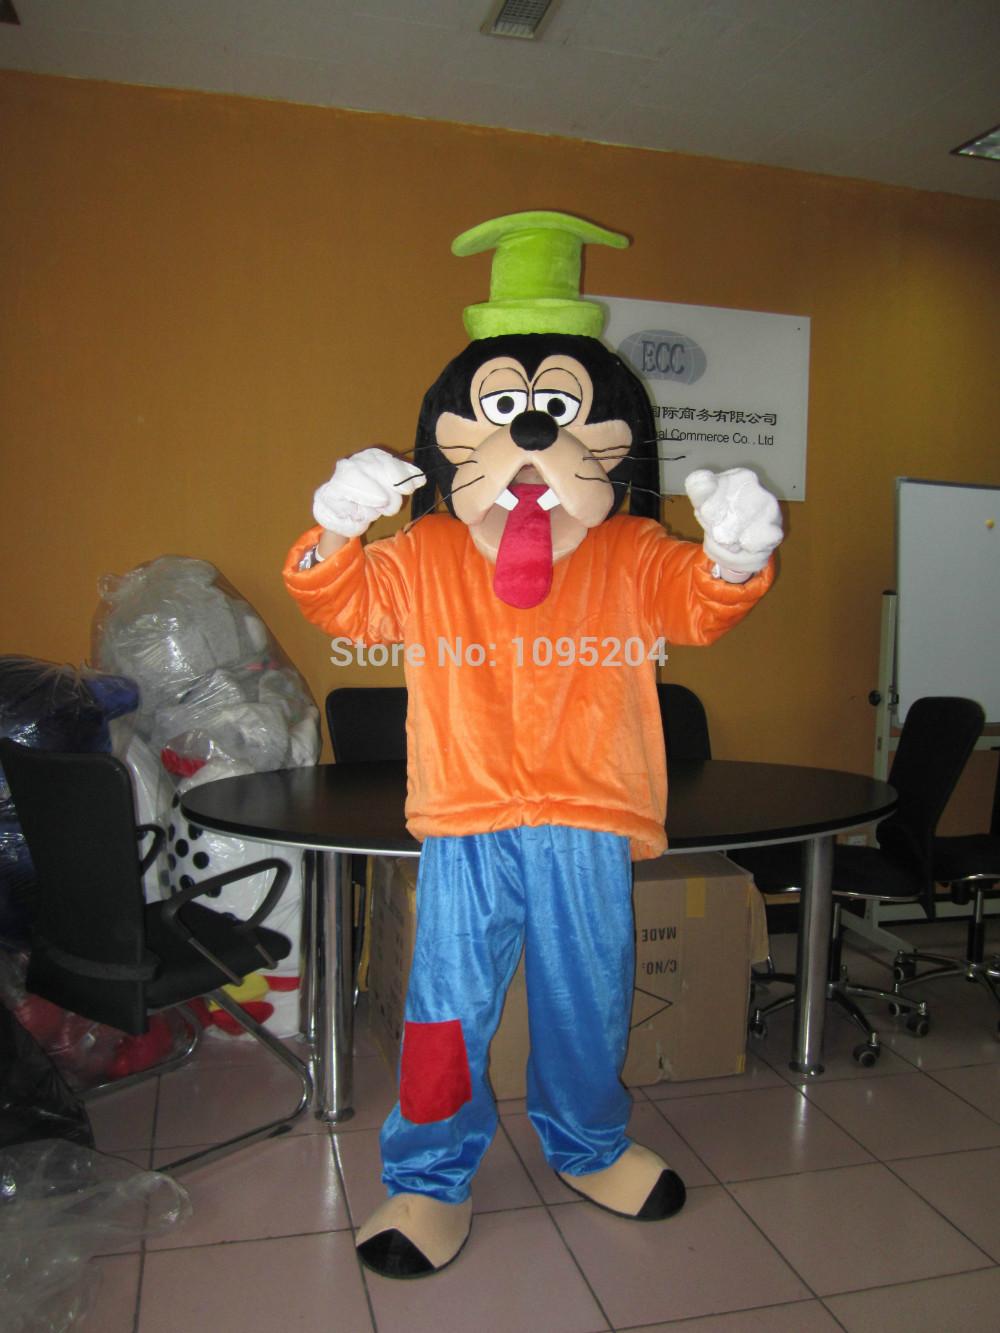 Goofy Costume Adults Adult Goofy Mascot Costumes